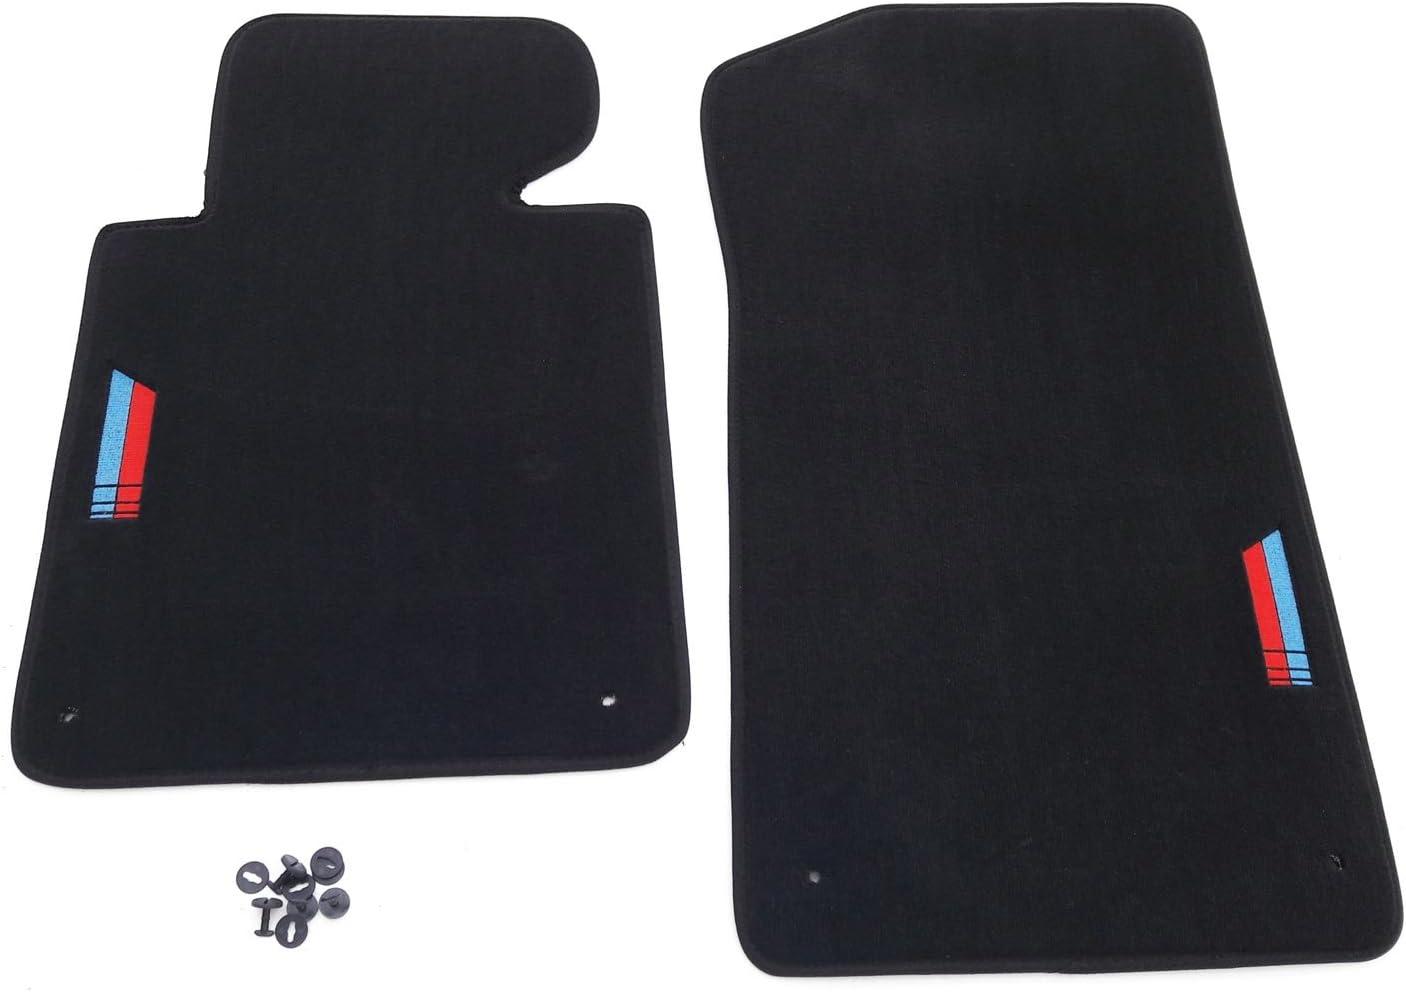 Neuf Tapis de Sol BMW E46 3er M3 Original Qualité Velours Accessoire Auto Noir